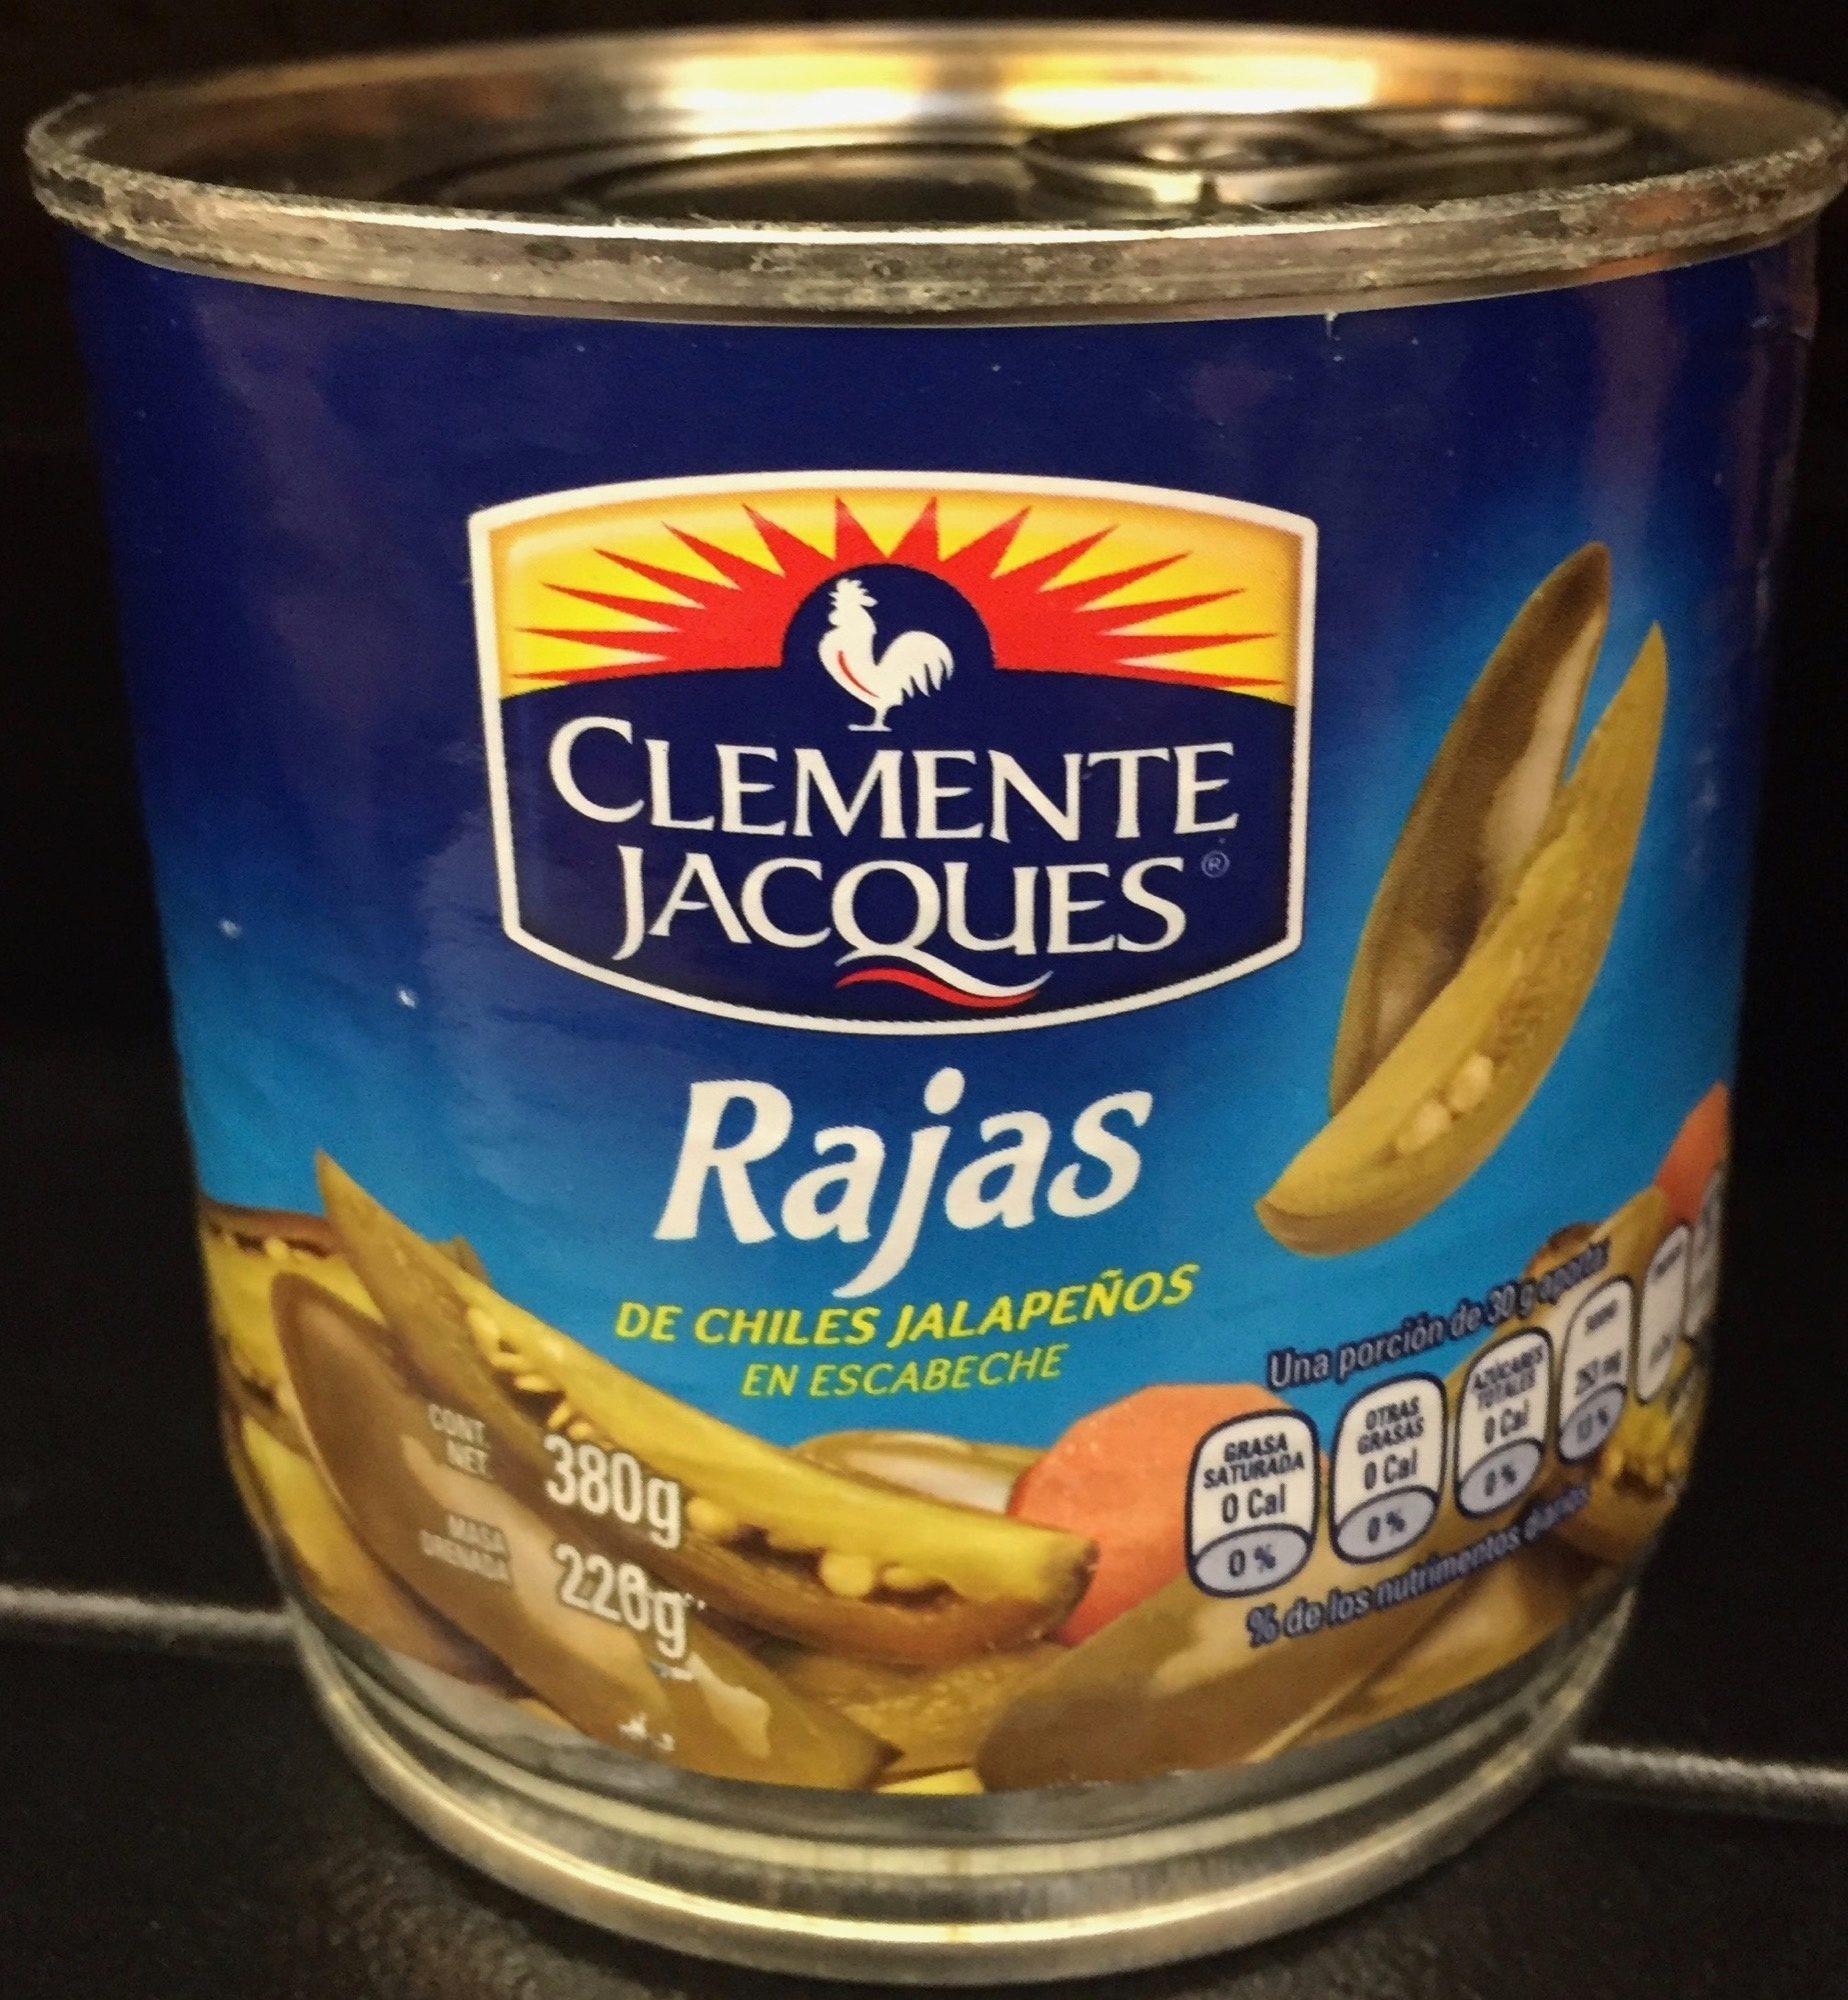 Rajas Clemente Jacques - Producto - es